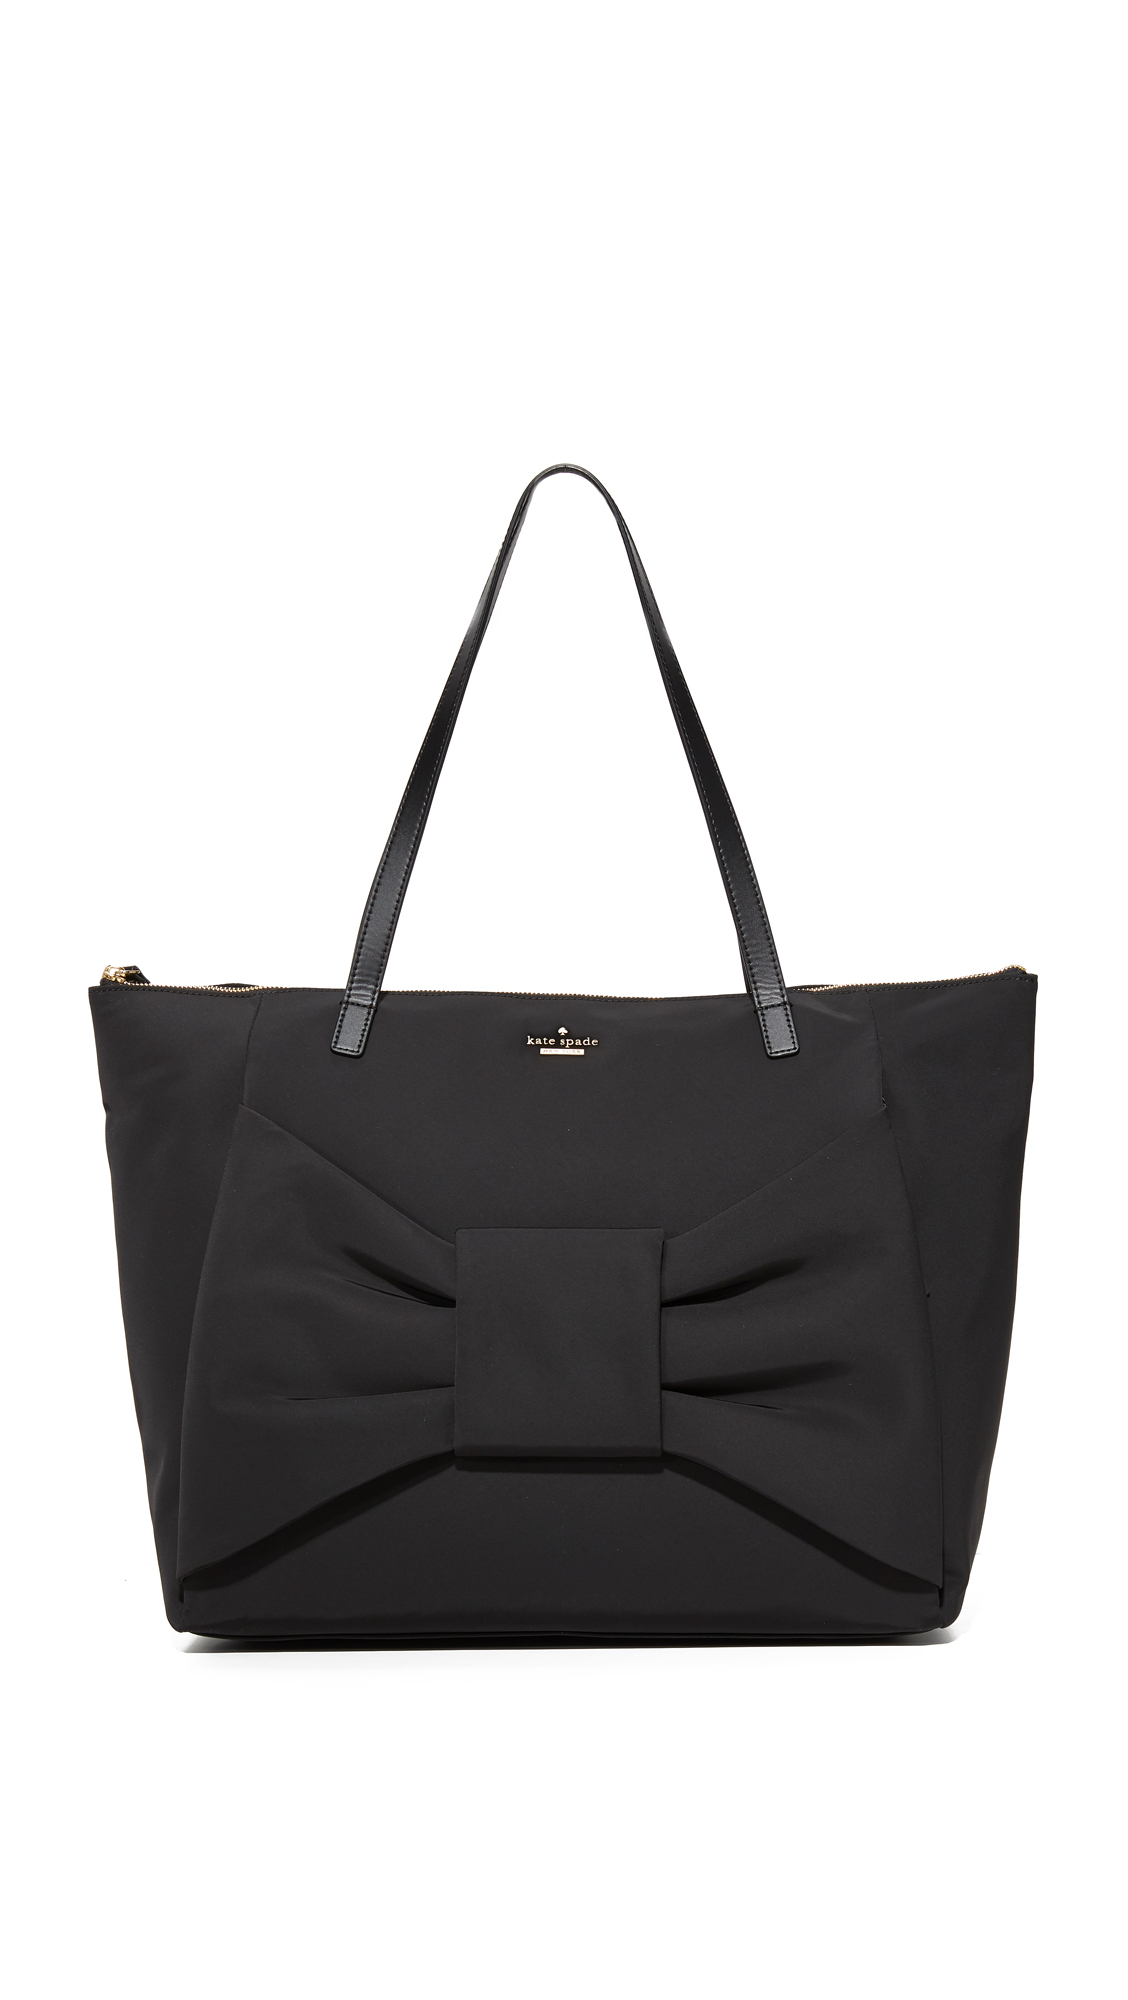 Dolce   Gabbana Dolce Shoulder Bag  a53f9164bff6c